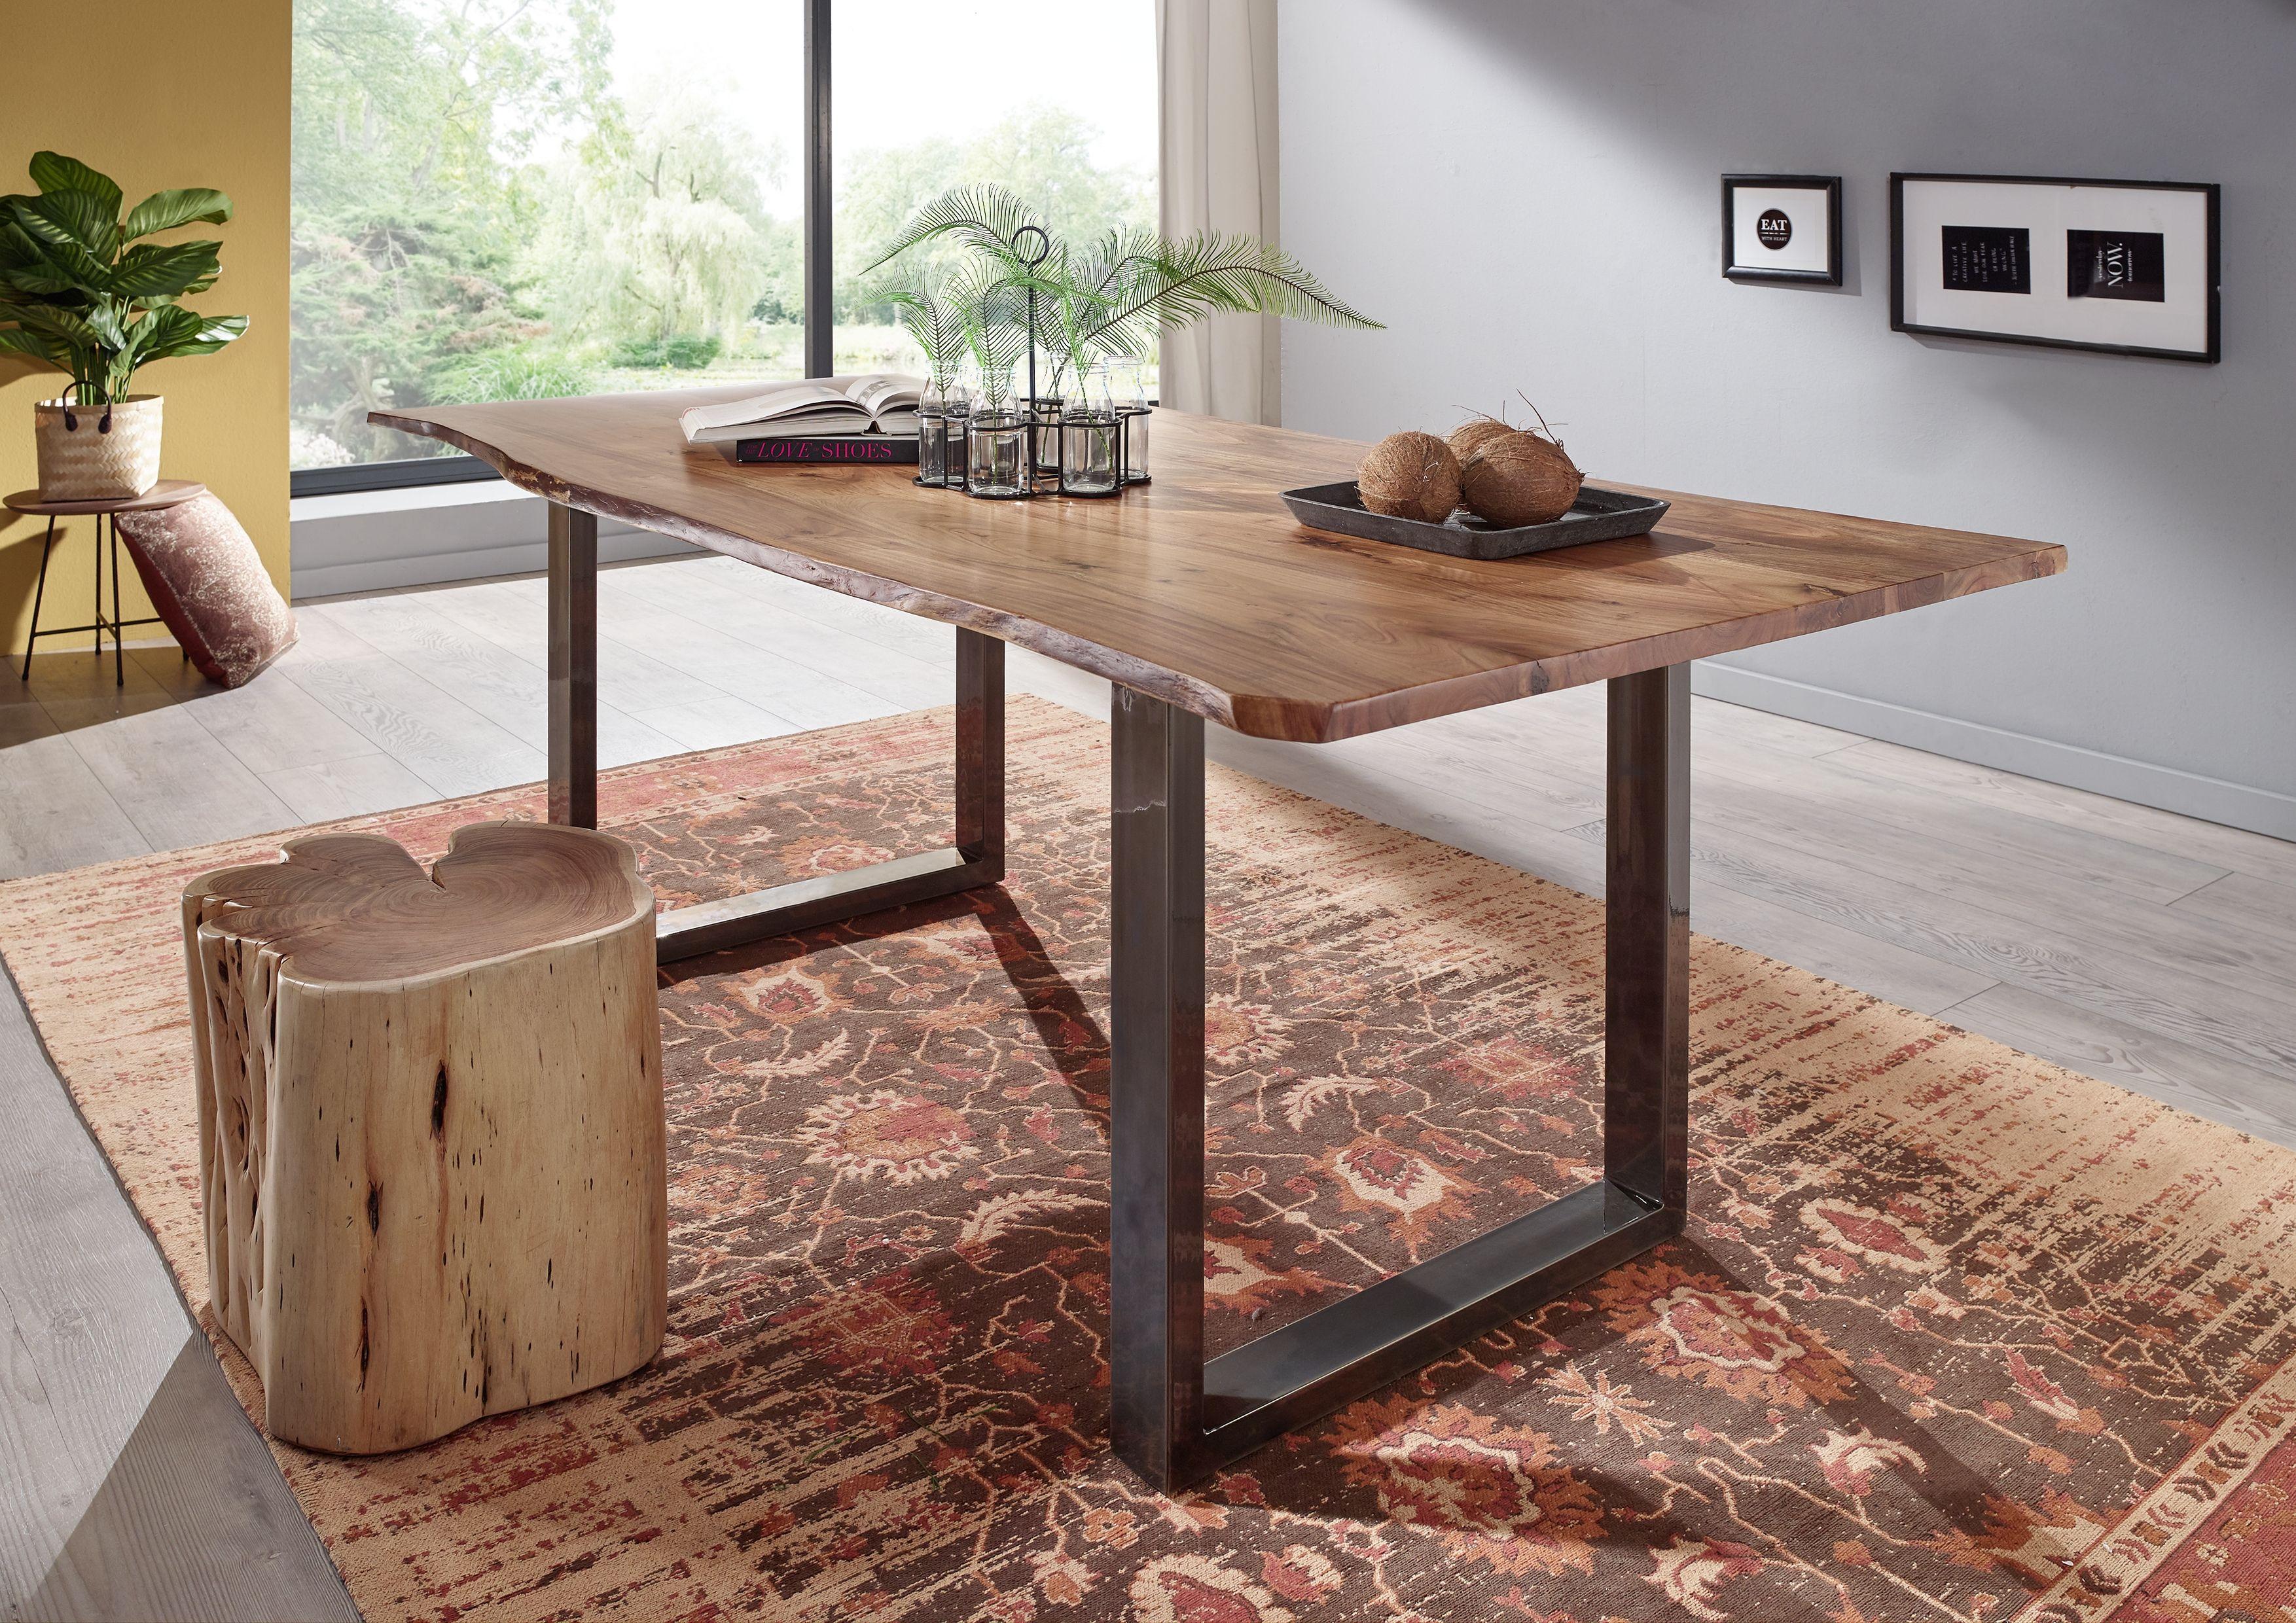 baumstamm m bel aus massivholz drewno pinterest echtholztisch massivholztisch und holztisch. Black Bedroom Furniture Sets. Home Design Ideas